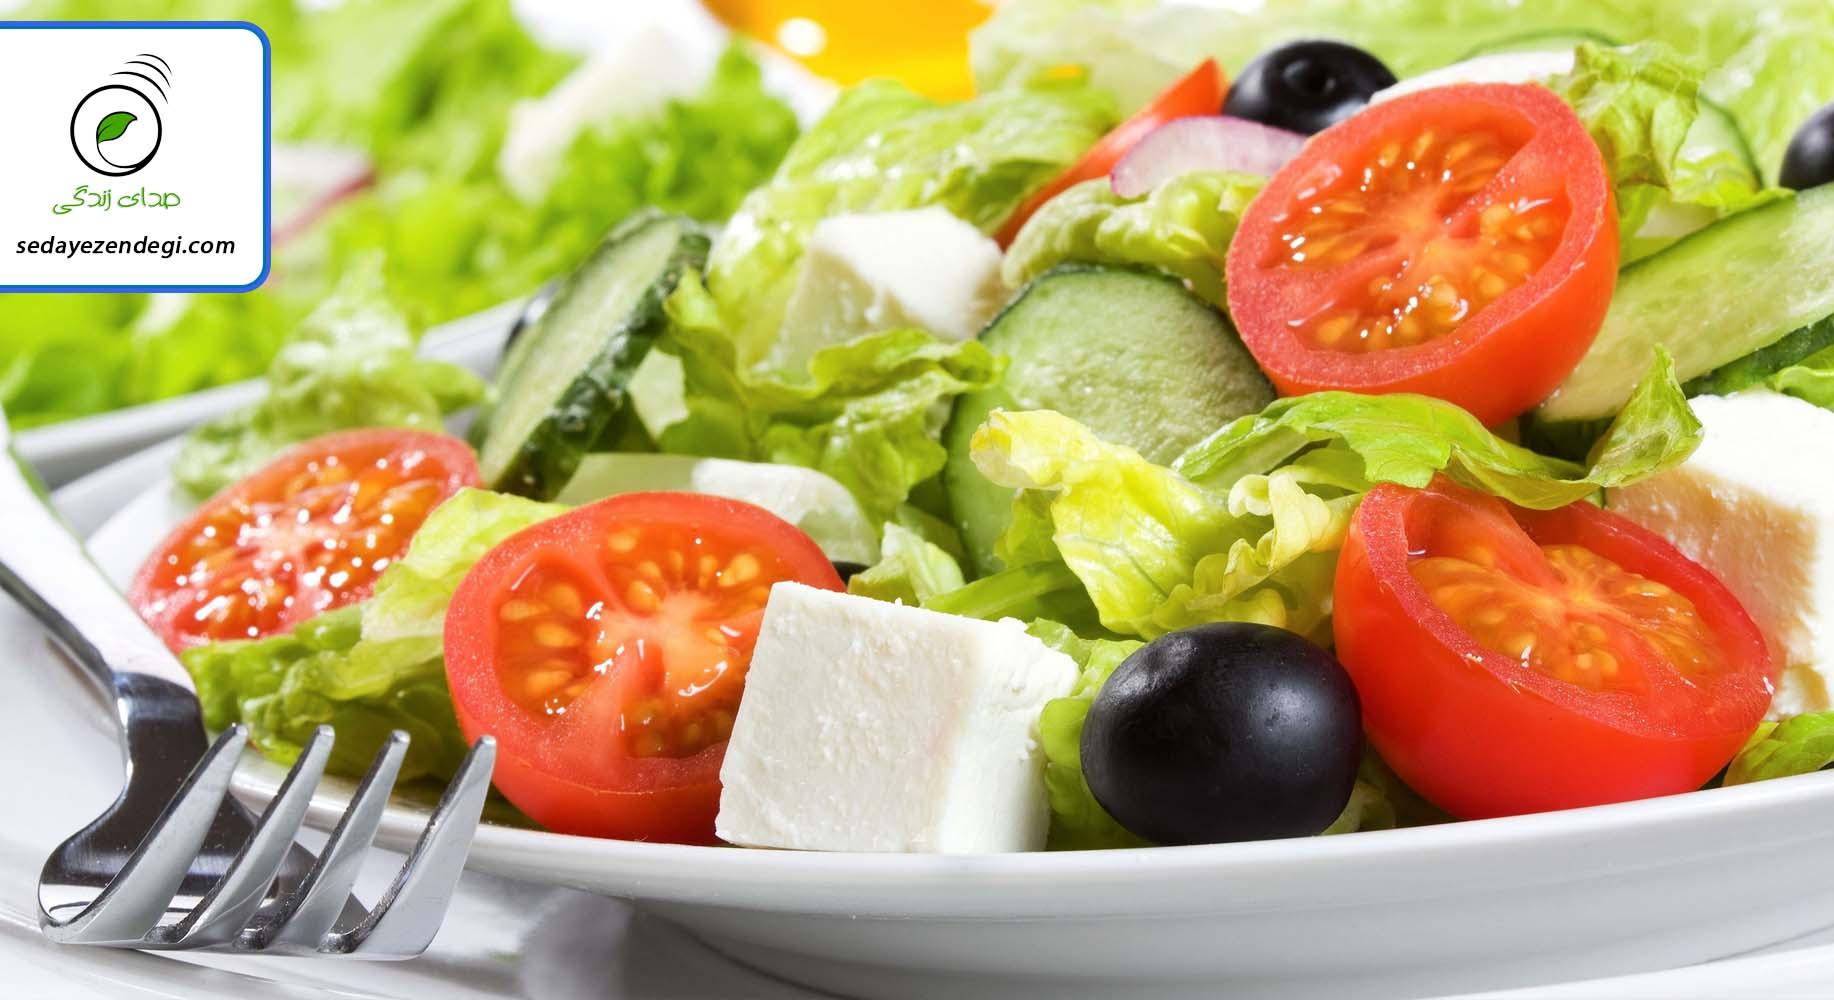 7 غذای سالم که به اشتباه دور ریخته می شوند